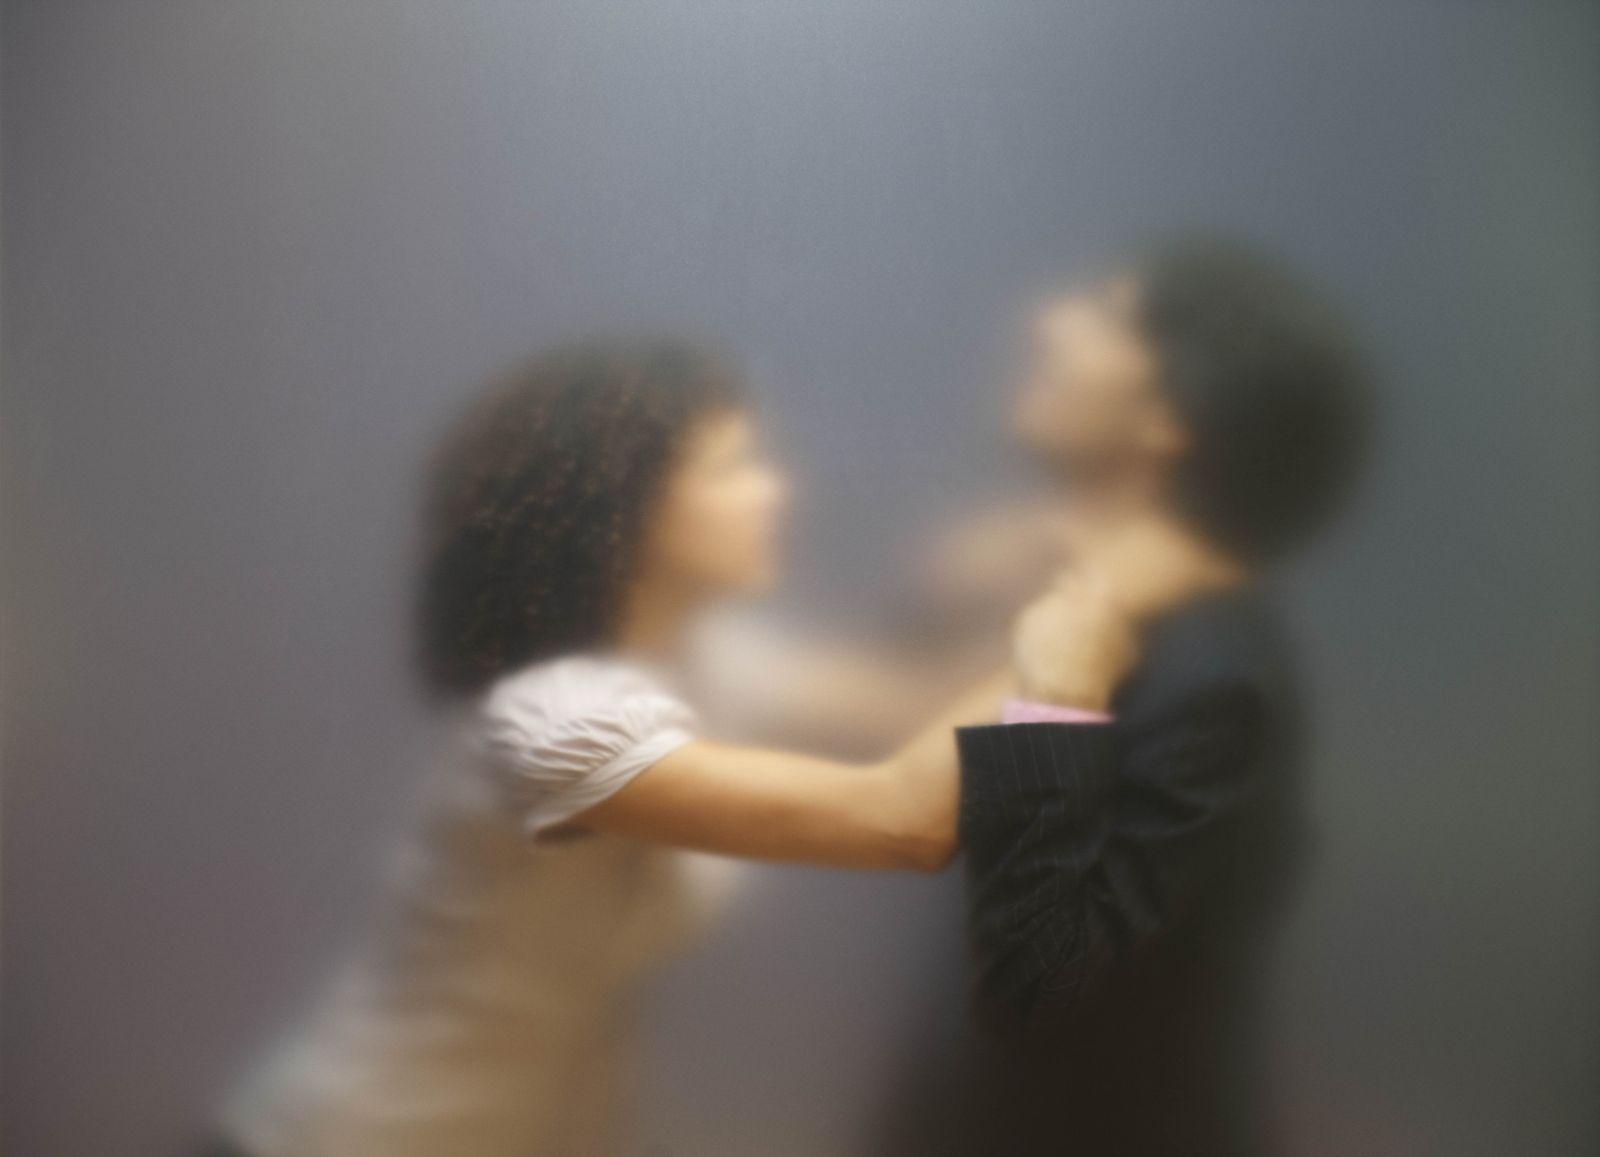 NICHT MEHR VERWENDEN! - Gewalt in der Beziehung